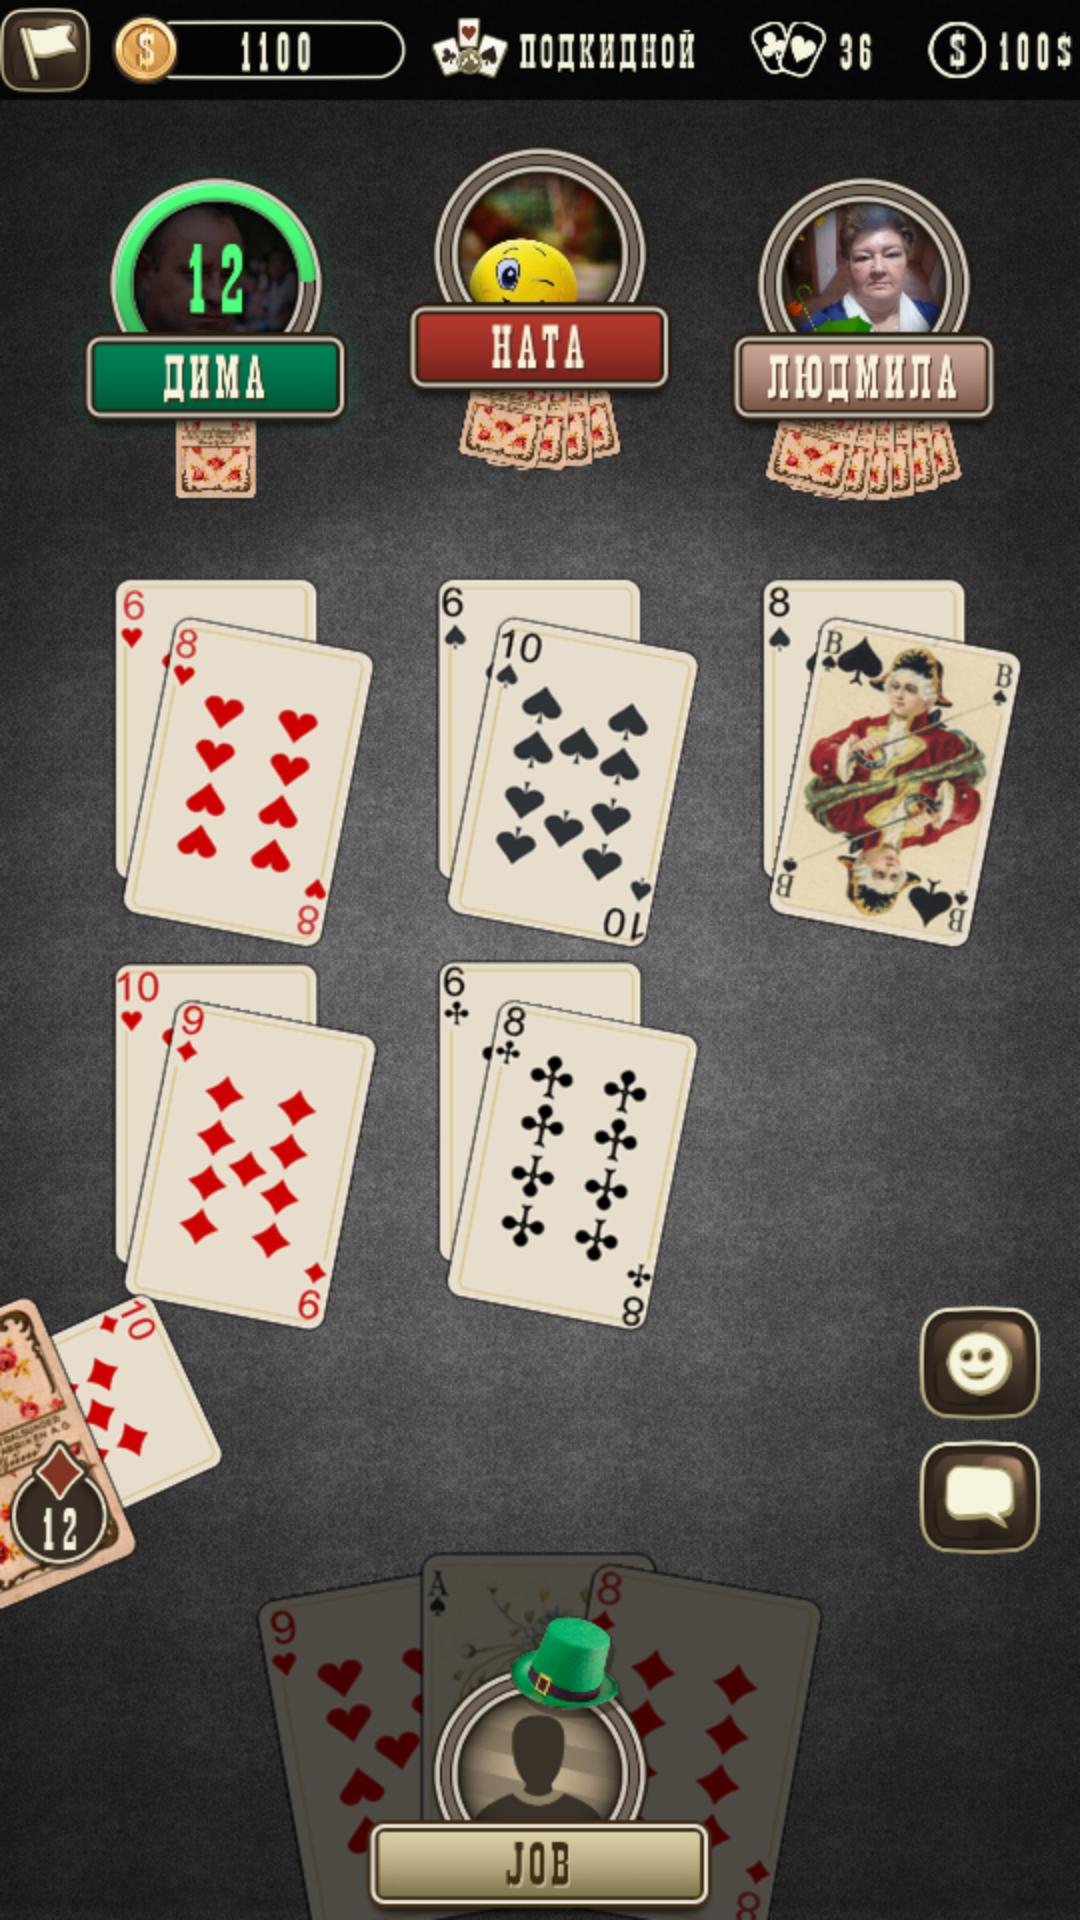 Играть в карты с н online casino slots free player